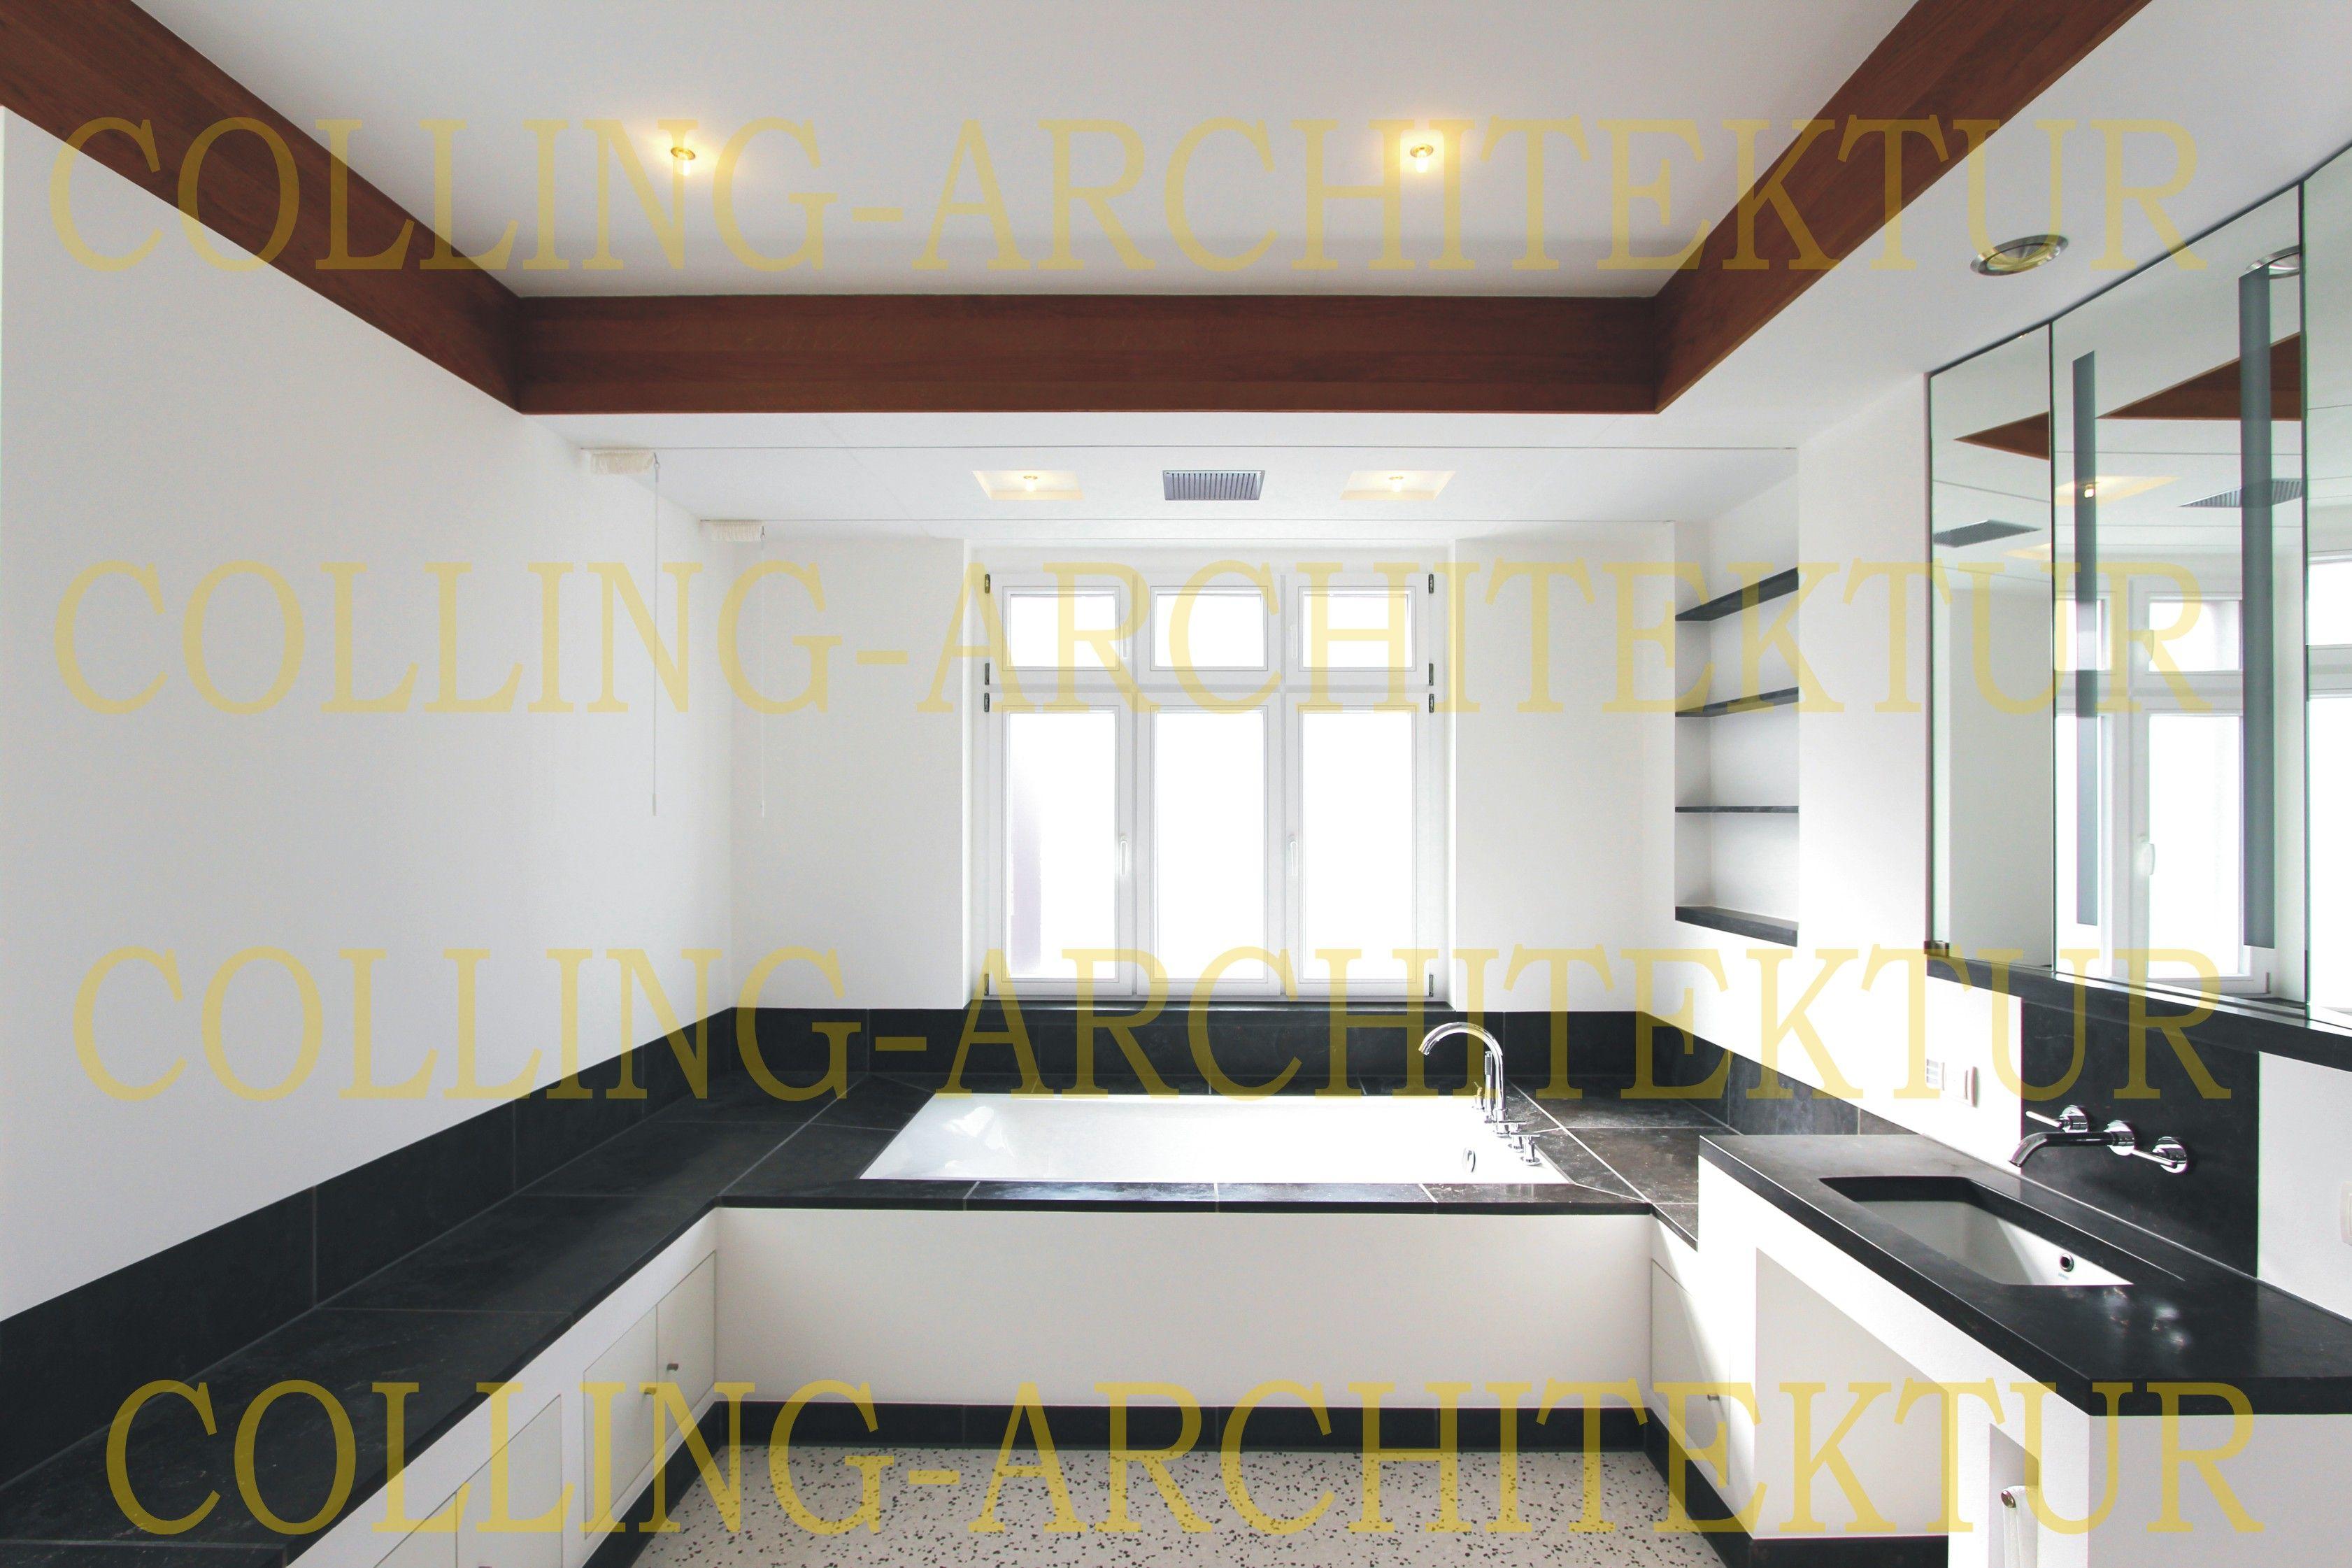 Badezimmer Bodenbelag ~ Natursteinbad aus chinesischem blaustein badezimmer bodenbelag